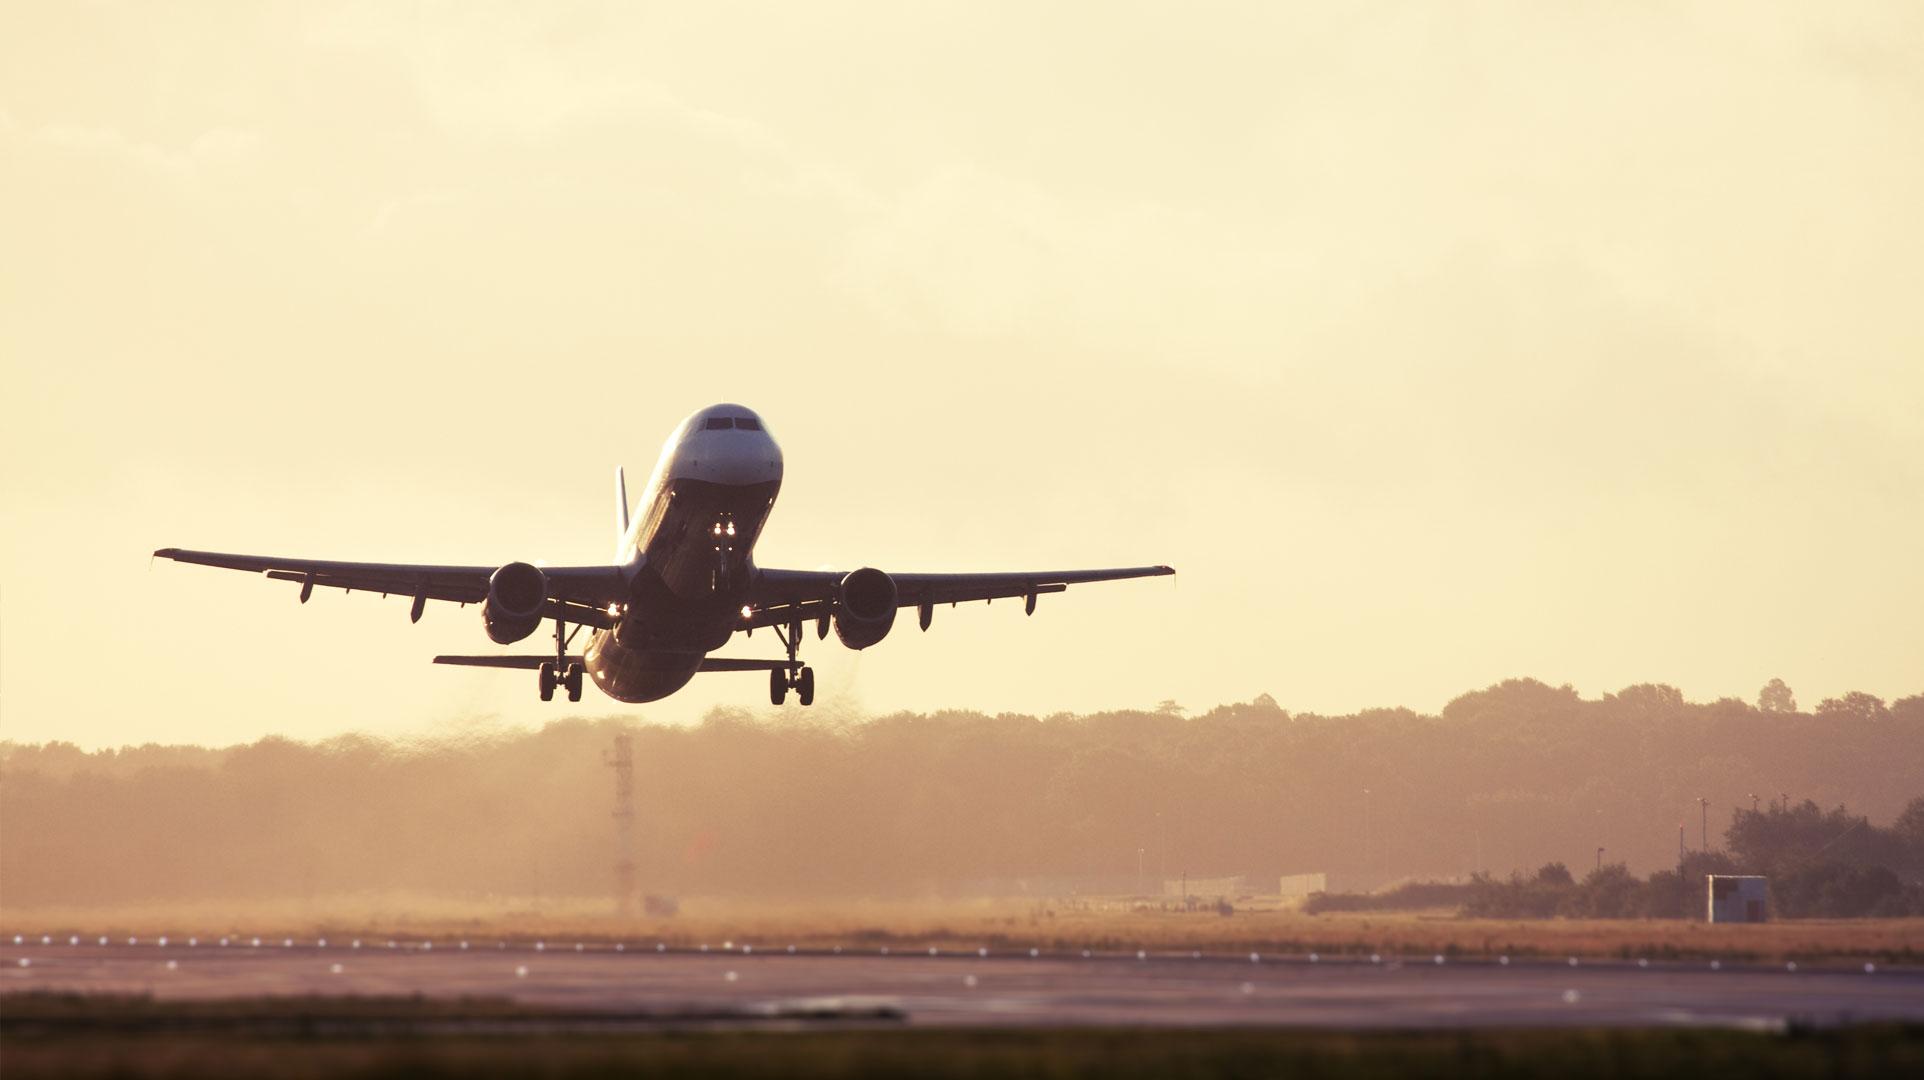 mejores-aerolineas-avion-despegando_0